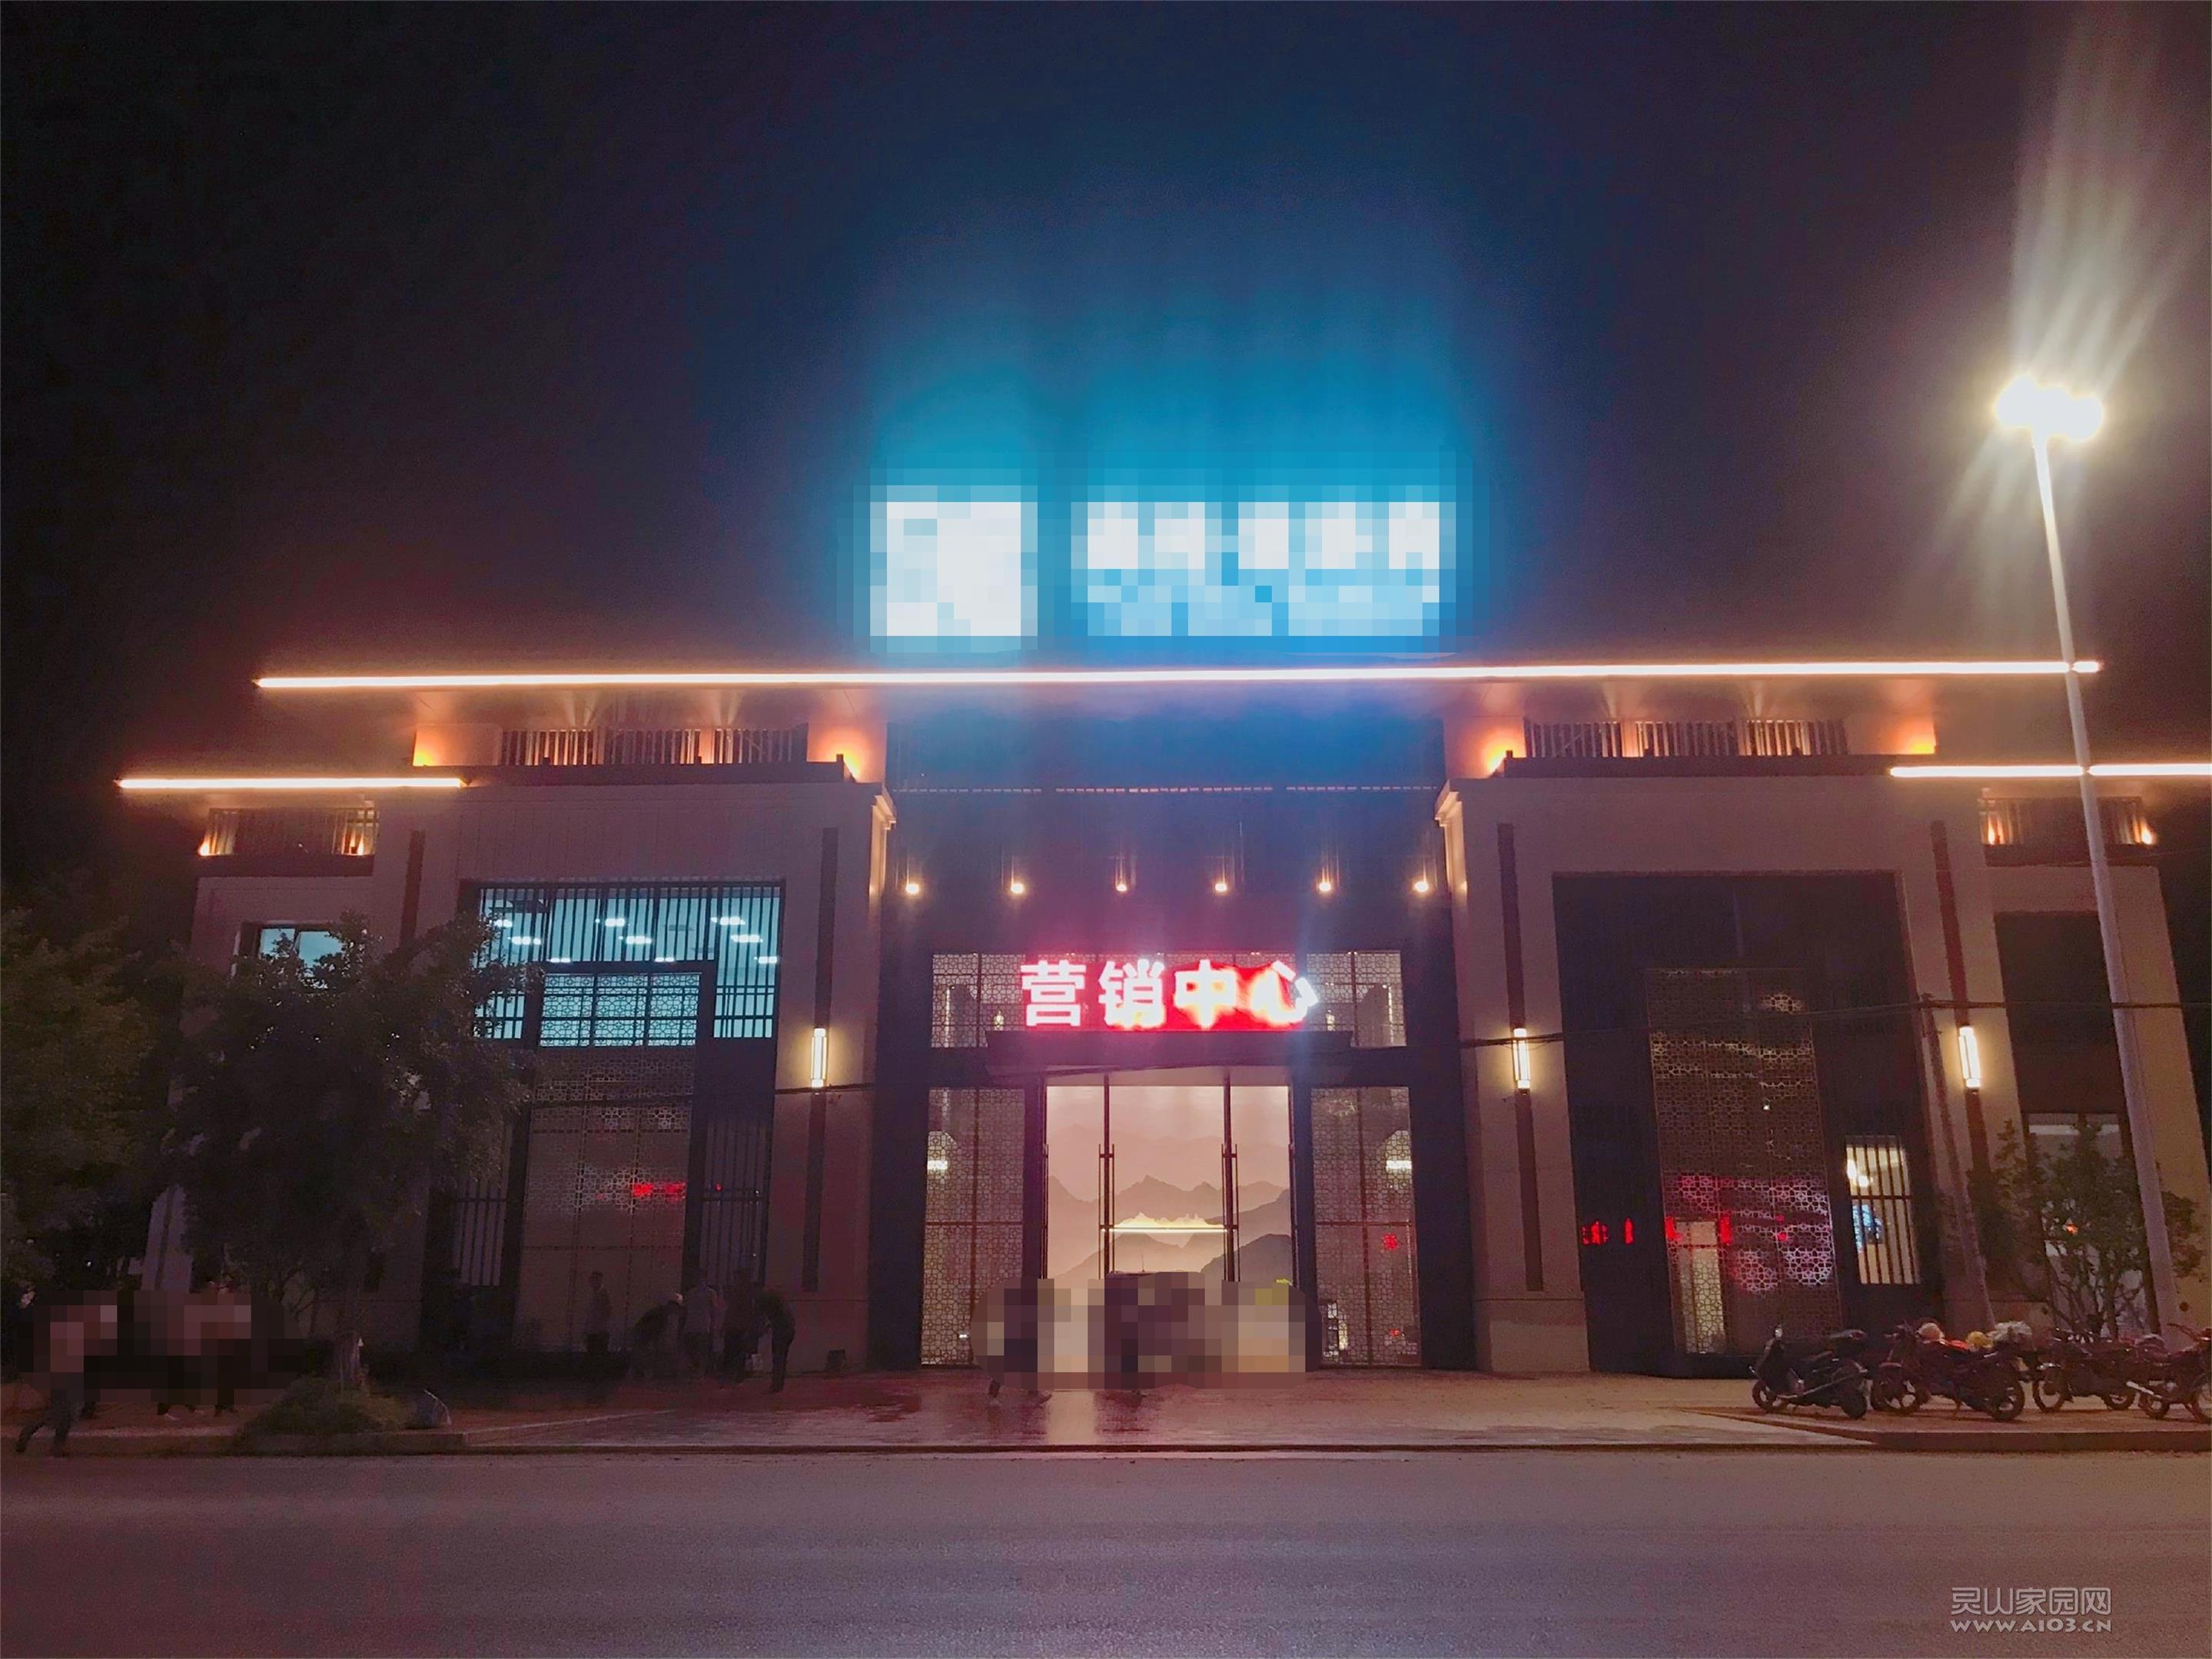 灵山这个区域即将迎来大爆发!将成为灵山最美的商圈!!